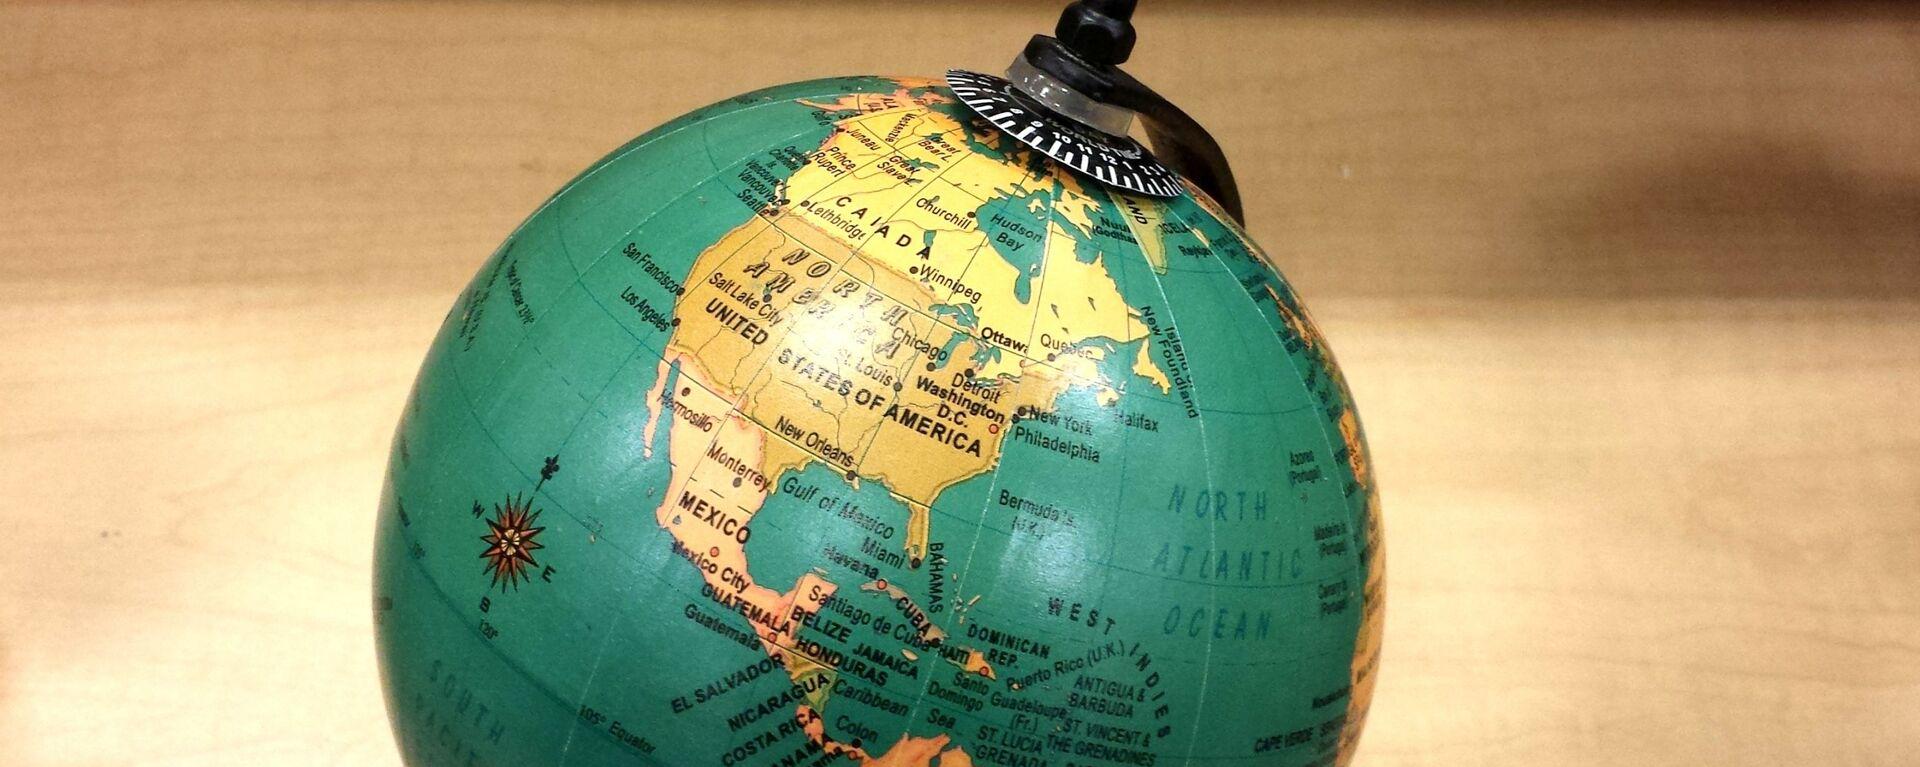 Mapa de México - Sputnik Mundo, 1920, 17.06.2020